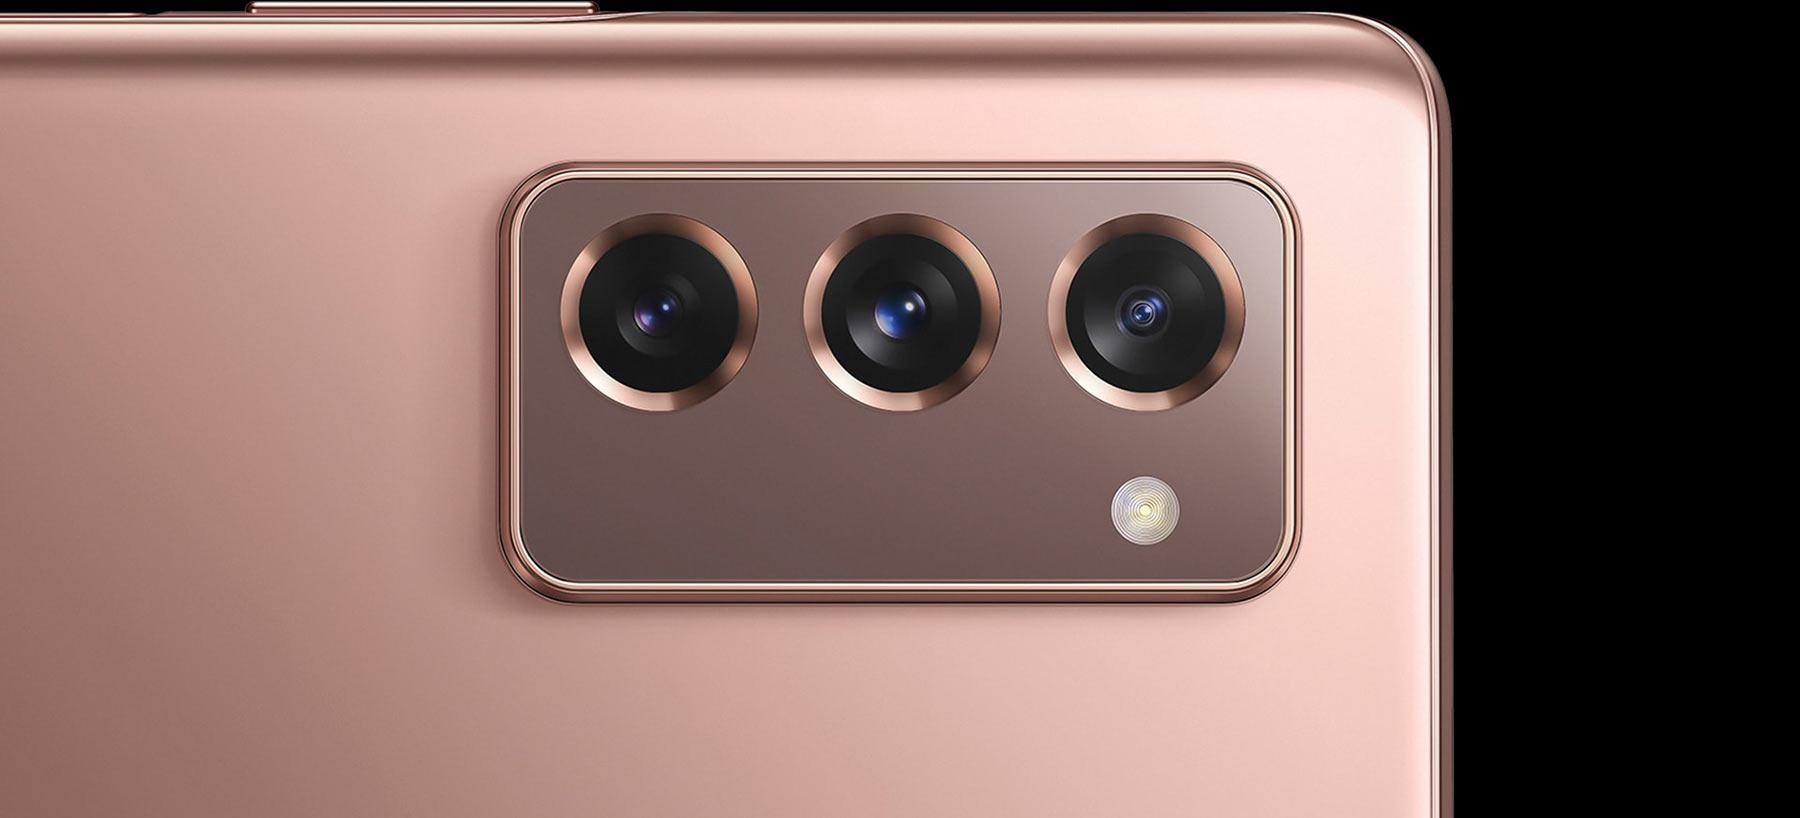 دوربین سه گانه گوشی سامسونگ Galaxy Z Fold2 5G